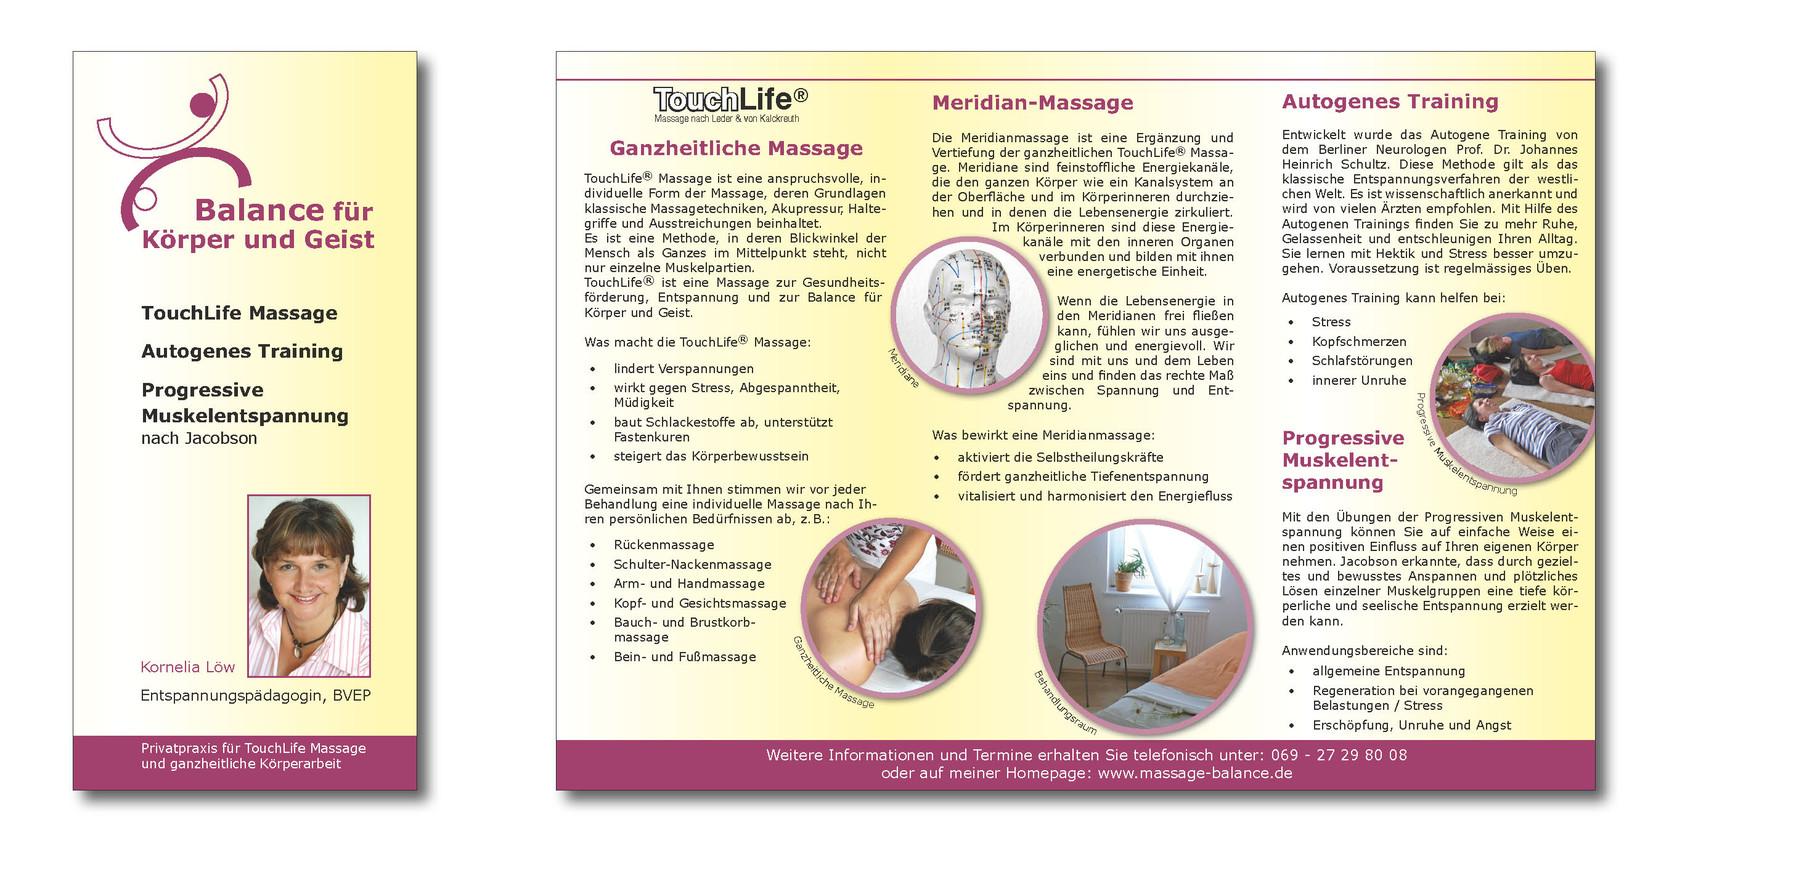 Faltblatt für Massagepraxis Kornelia Löw in Frankfurt, Grafikbüro Petra Kress